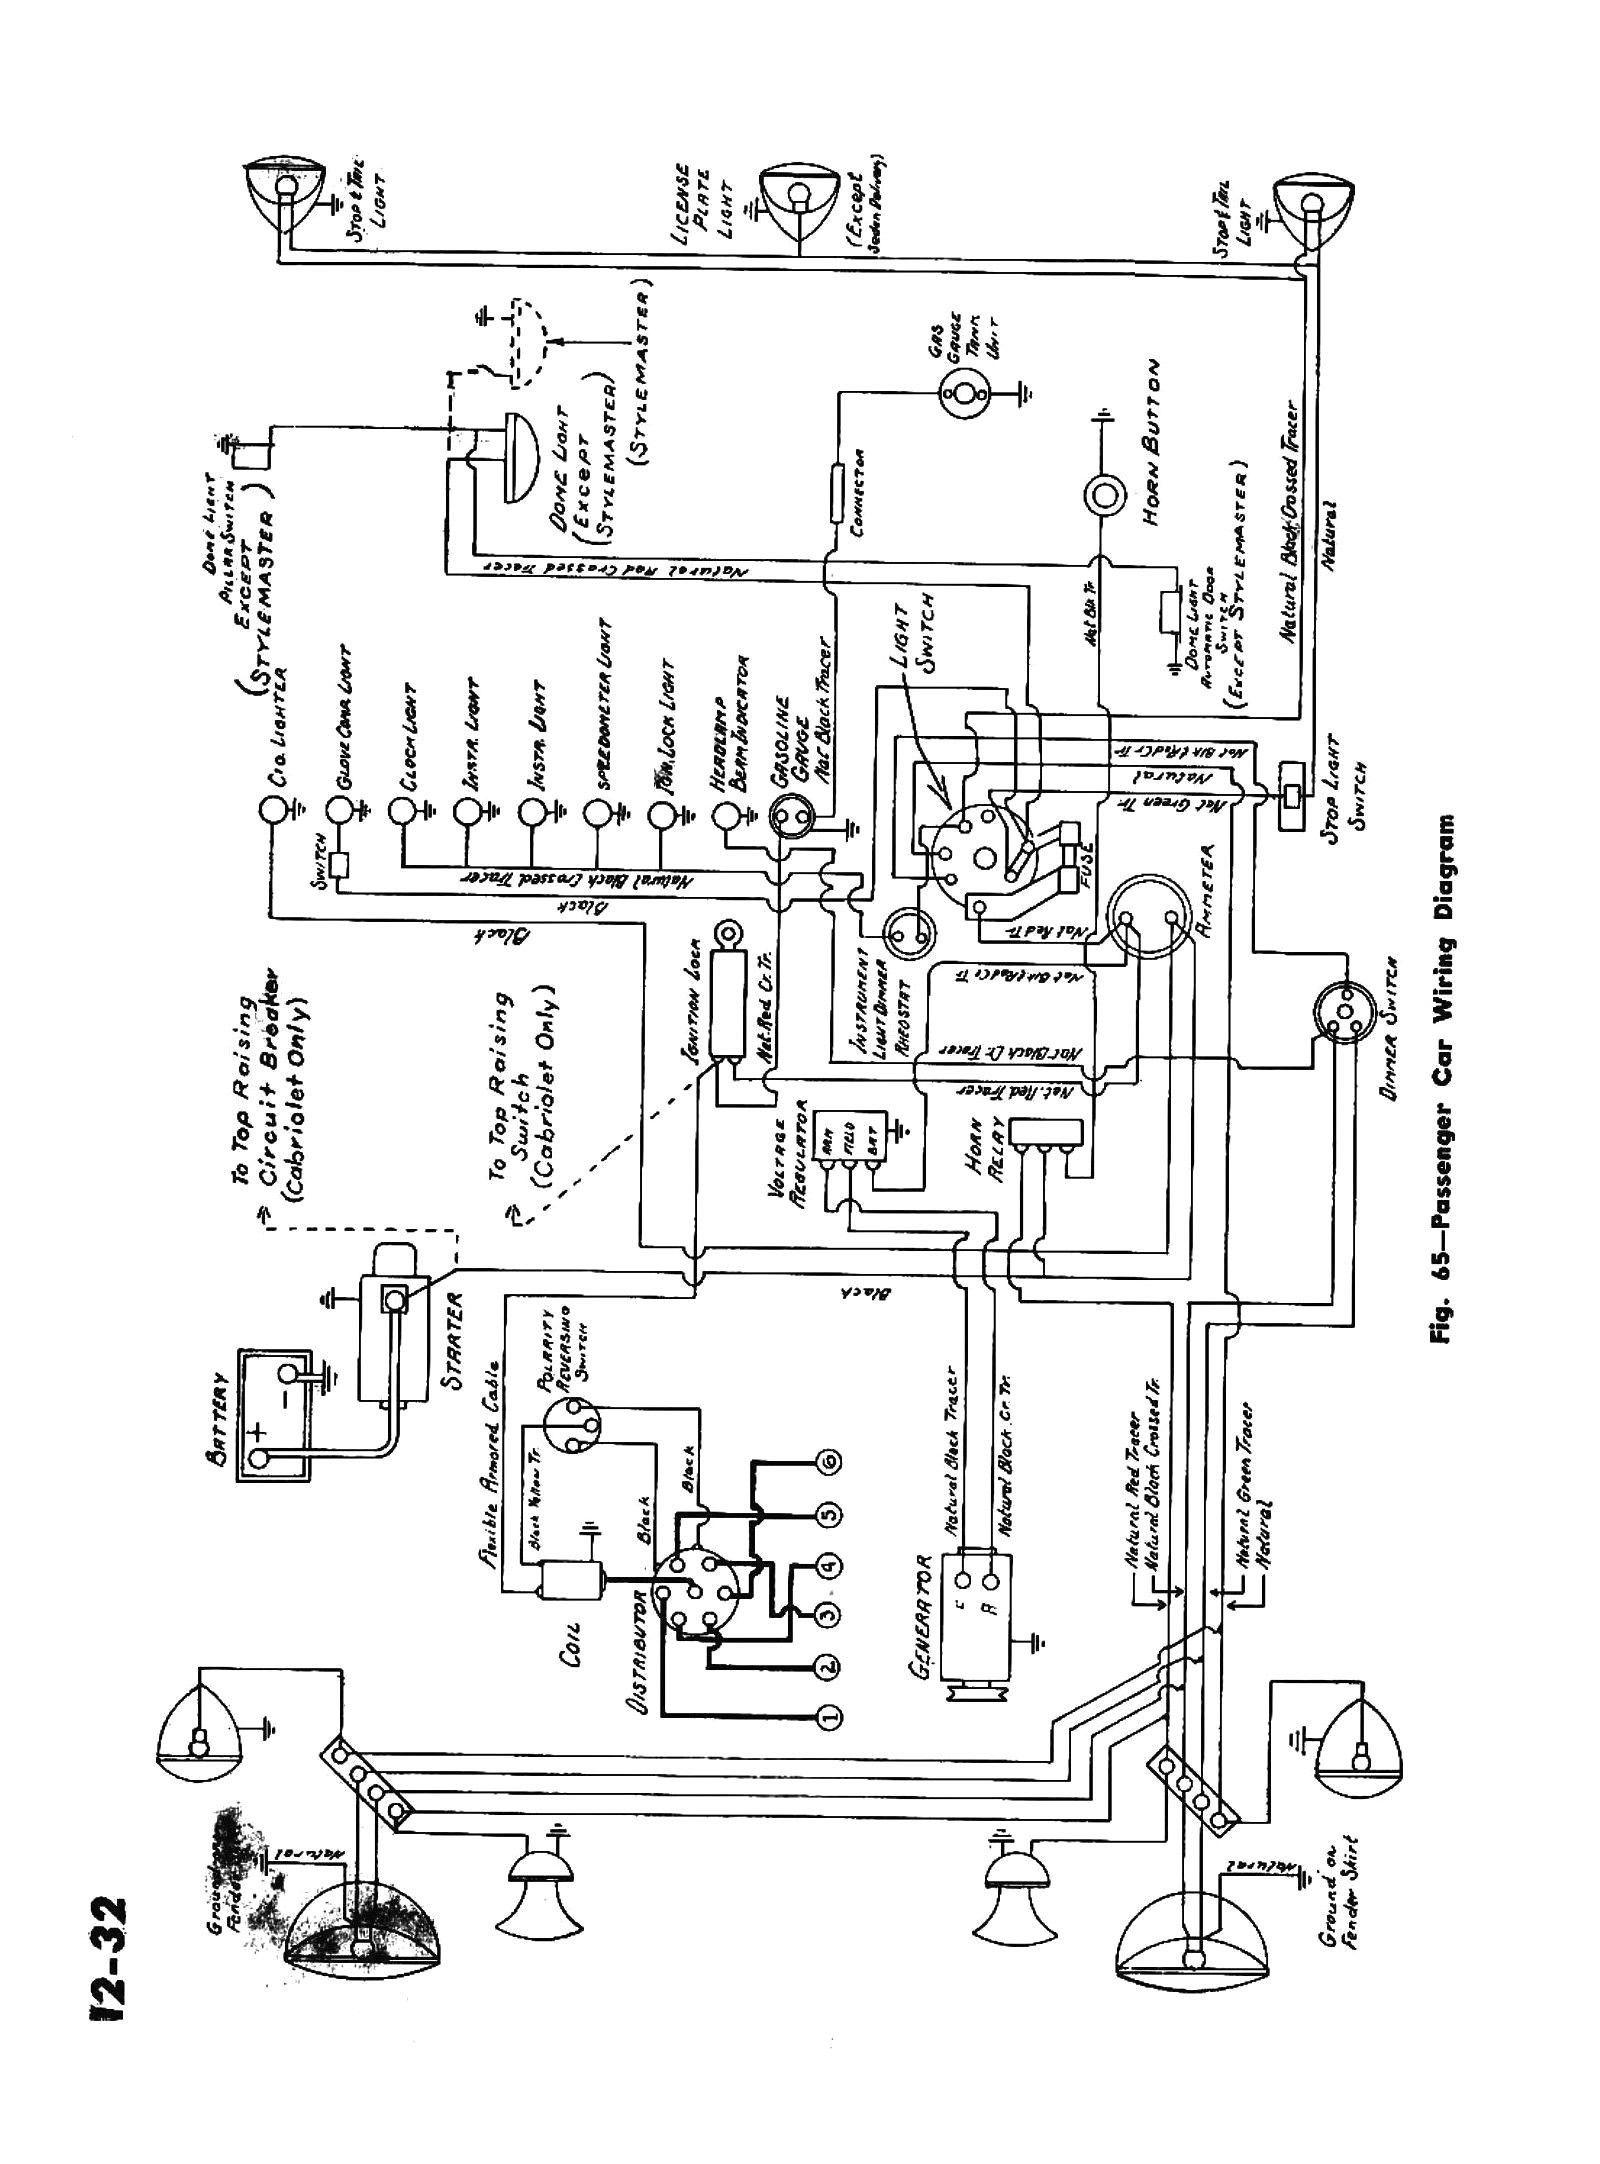 New Wiring Diagram Club Car Golf Cart Diagramsample